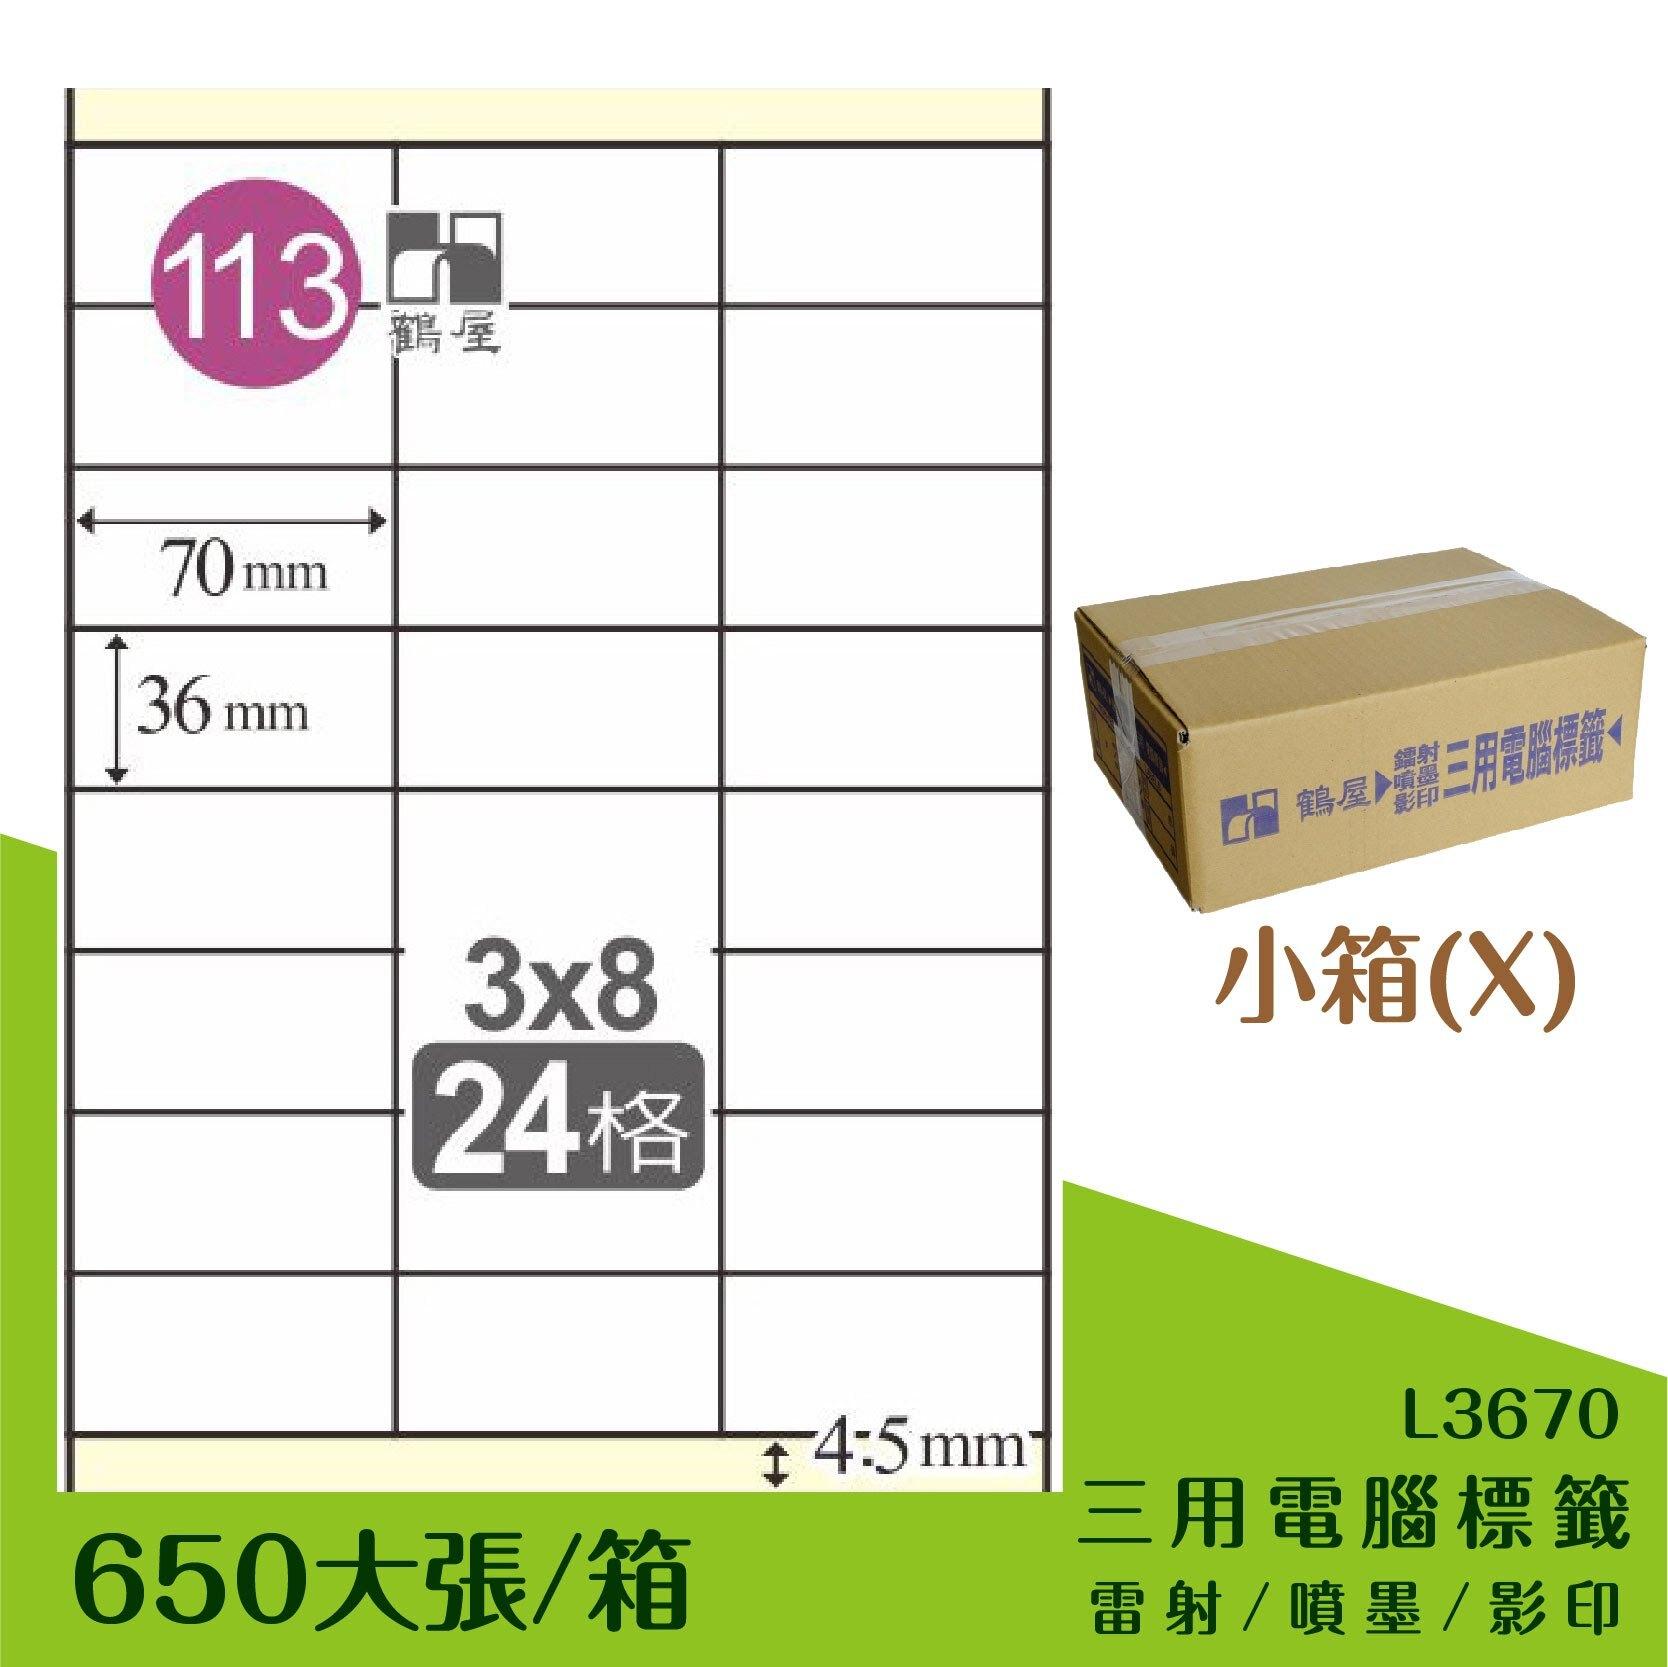 量販一小箱【鶴屋】電腦標籤紙 白色 L3670 24格 650大張/小箱 三用標籤 影印/雷射/噴墨 貼紙 標示 信件